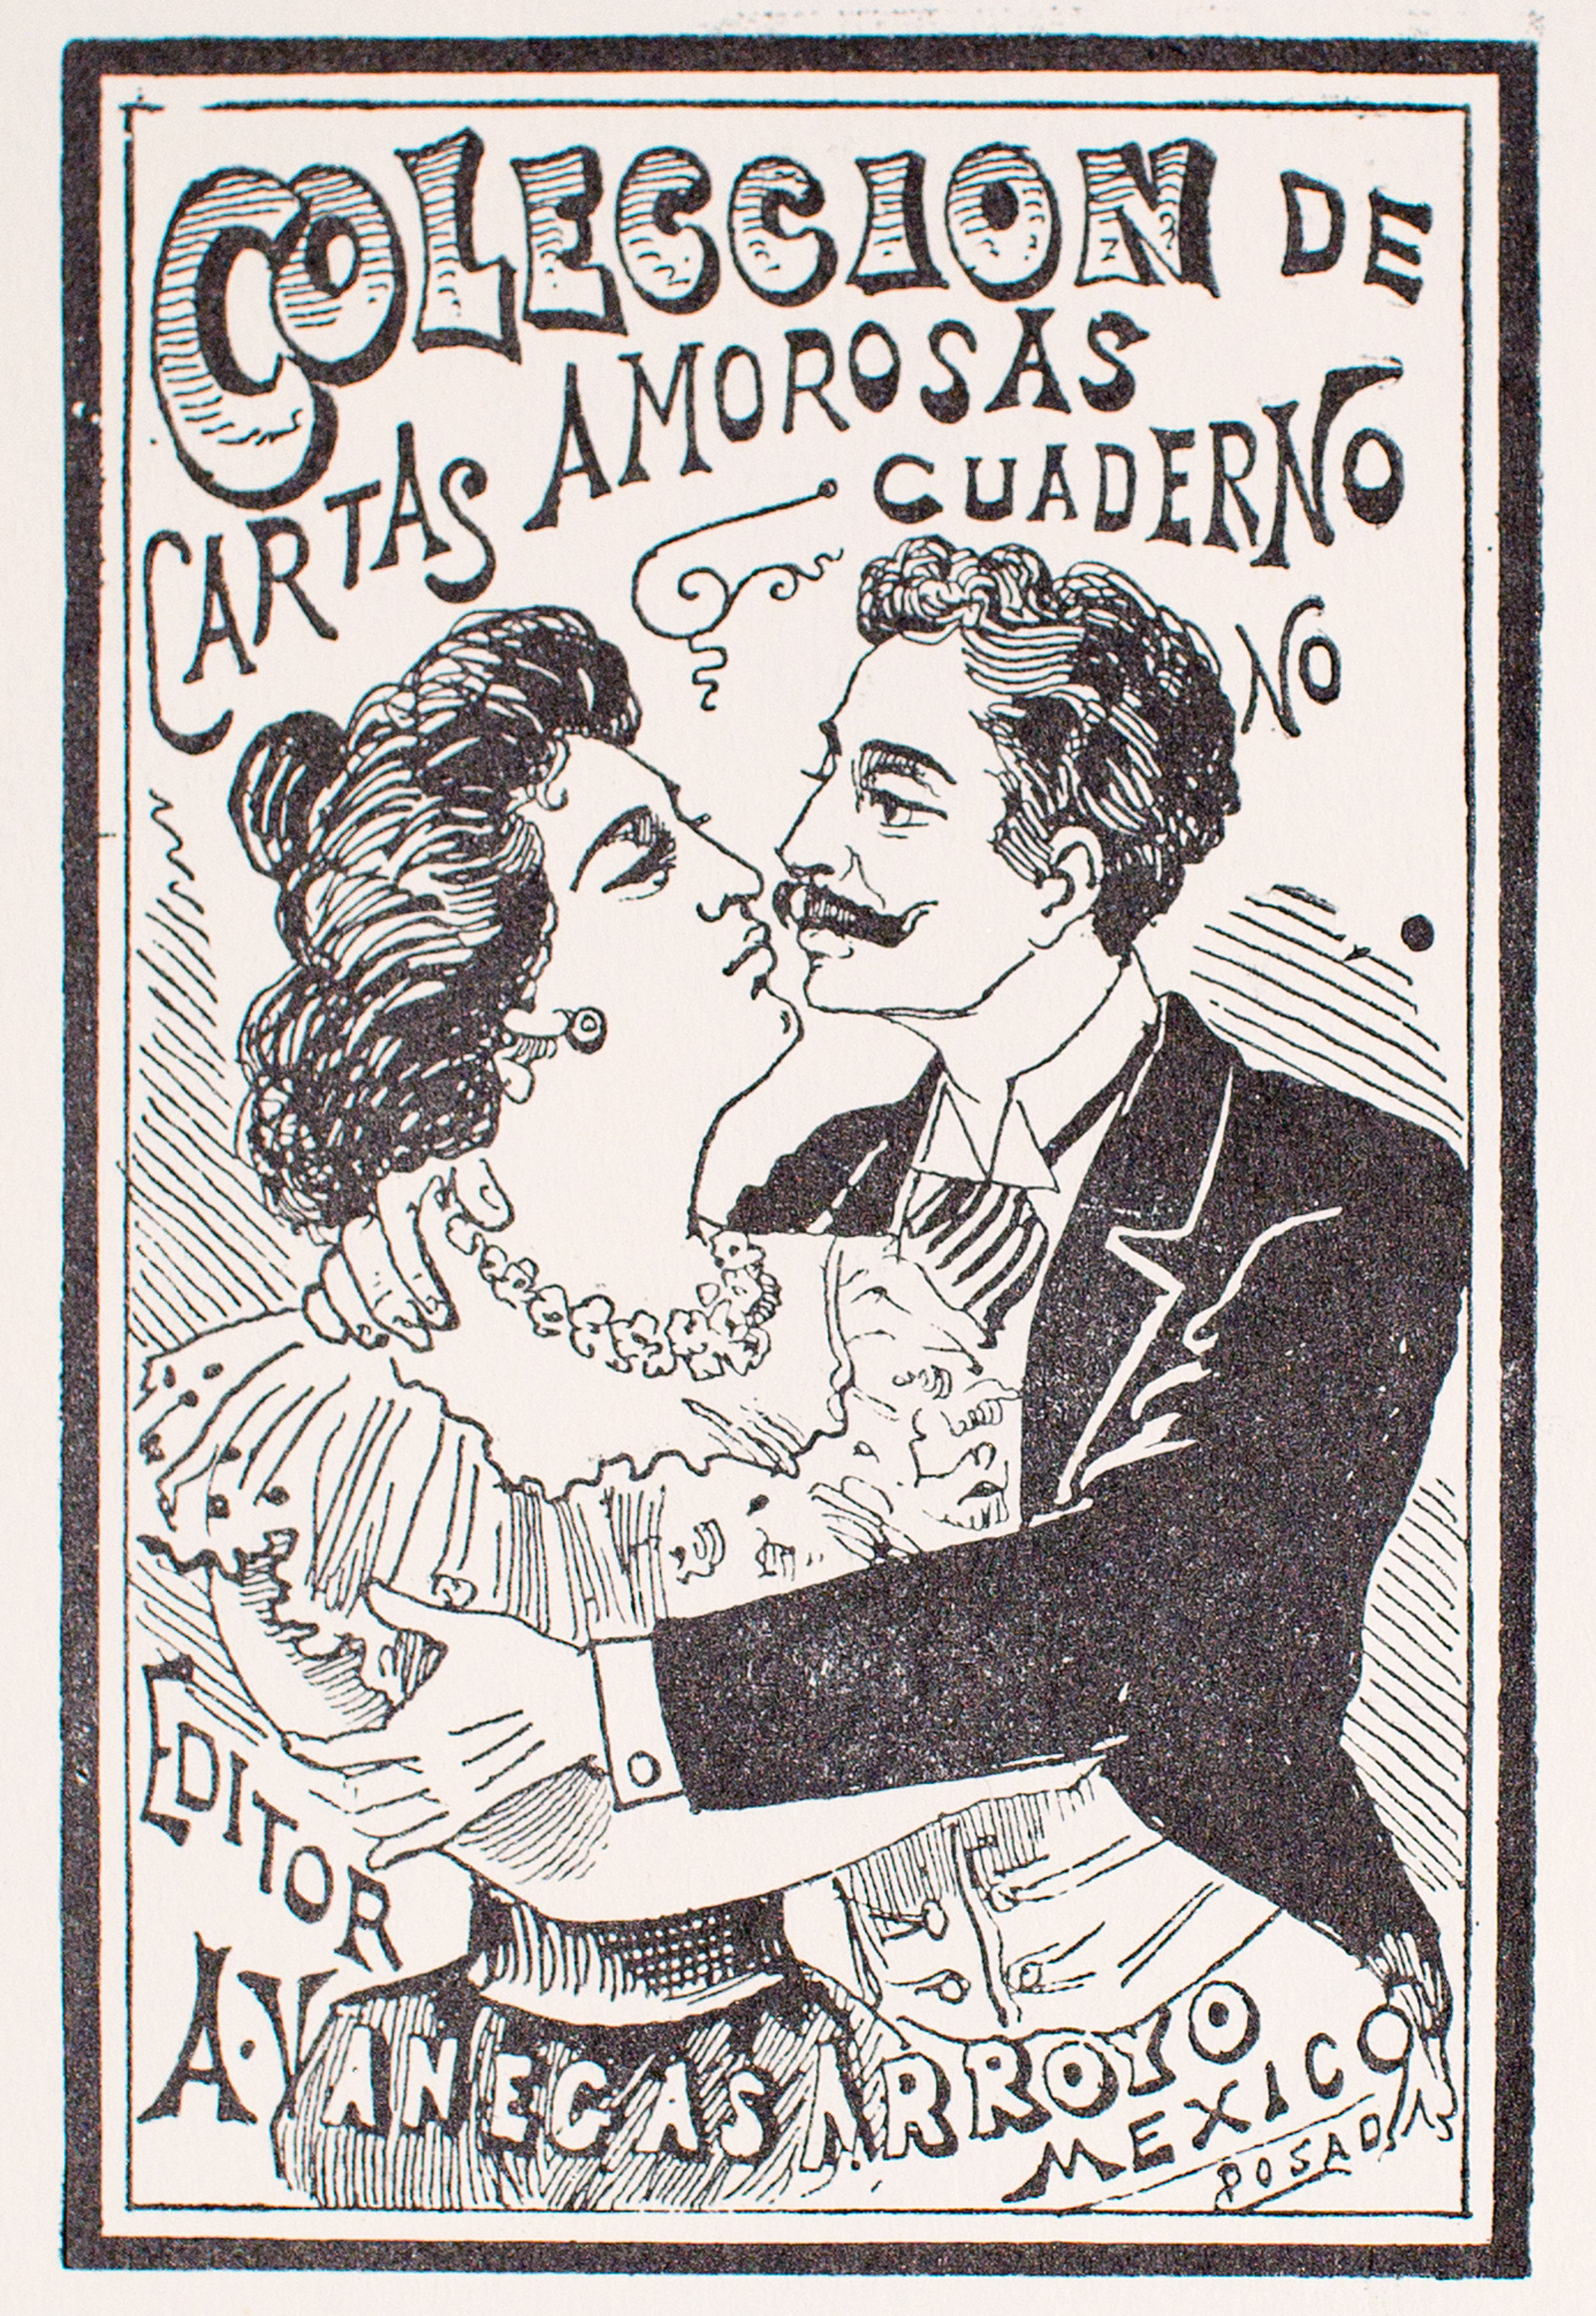 Coleccion de Cartas Amorosas by José Guadalupe Posada (1852 - 1913)